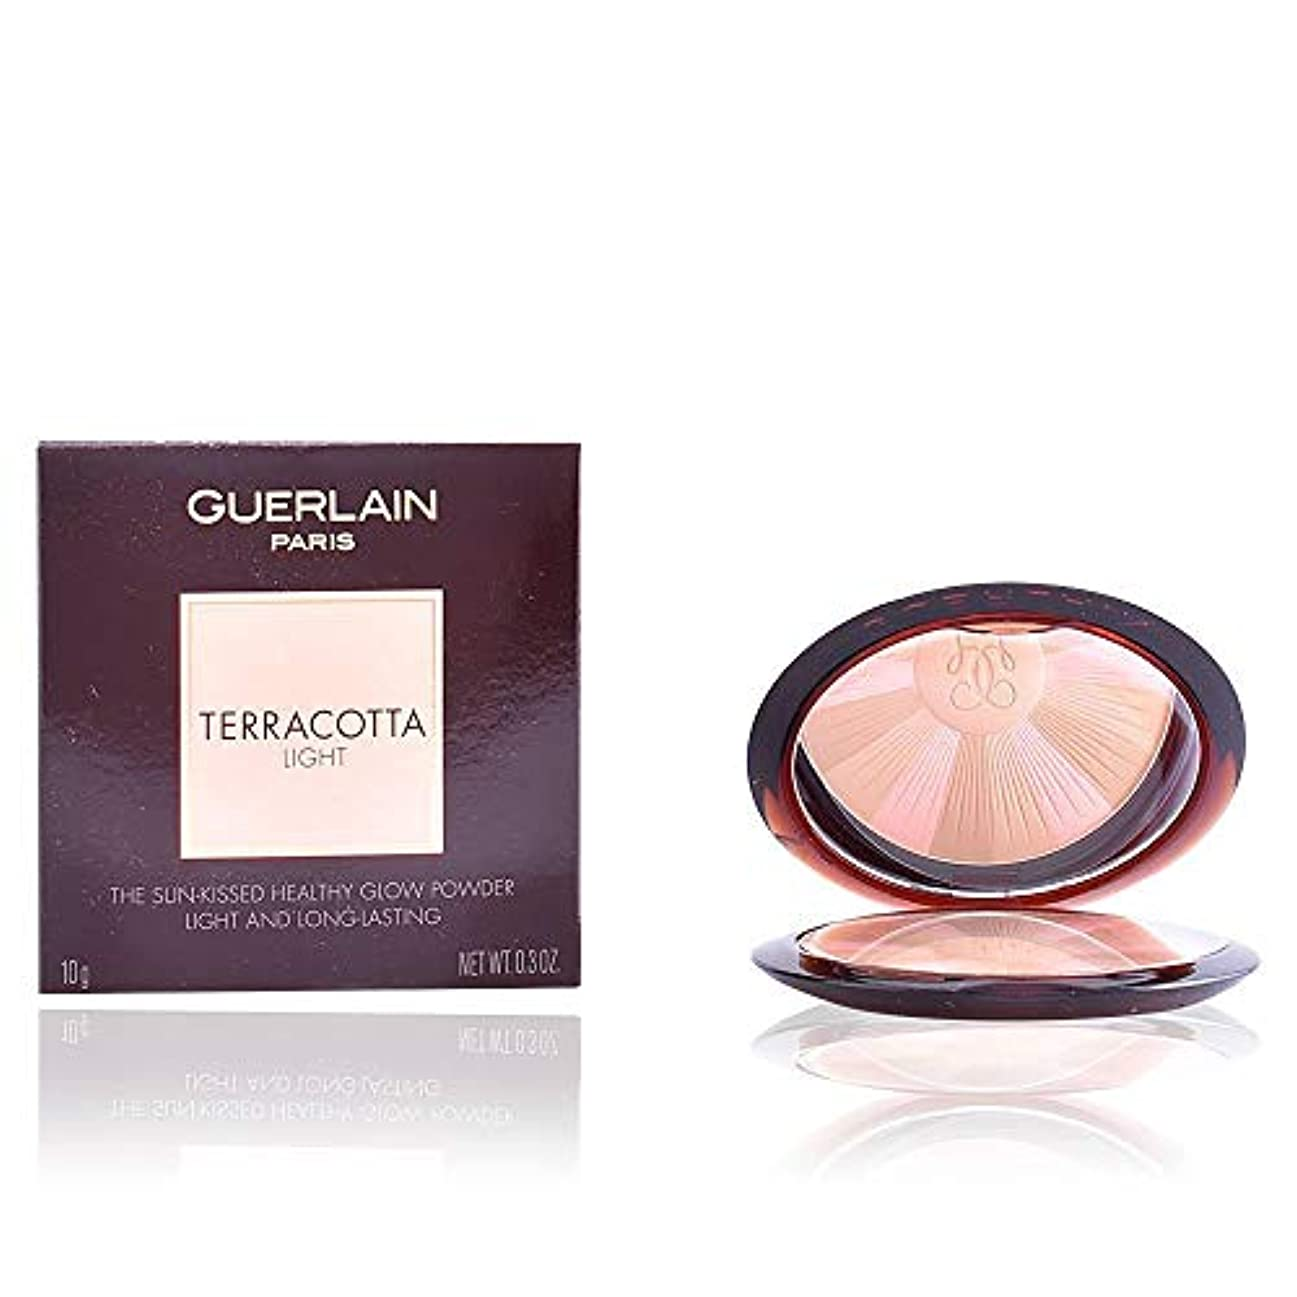 アクロバット減らす遠洋のゲラン Terracotta Light The Sun Kissed Healthy Glow Powder - # 05 Deep Cool 10g/0.3oz並行輸入品